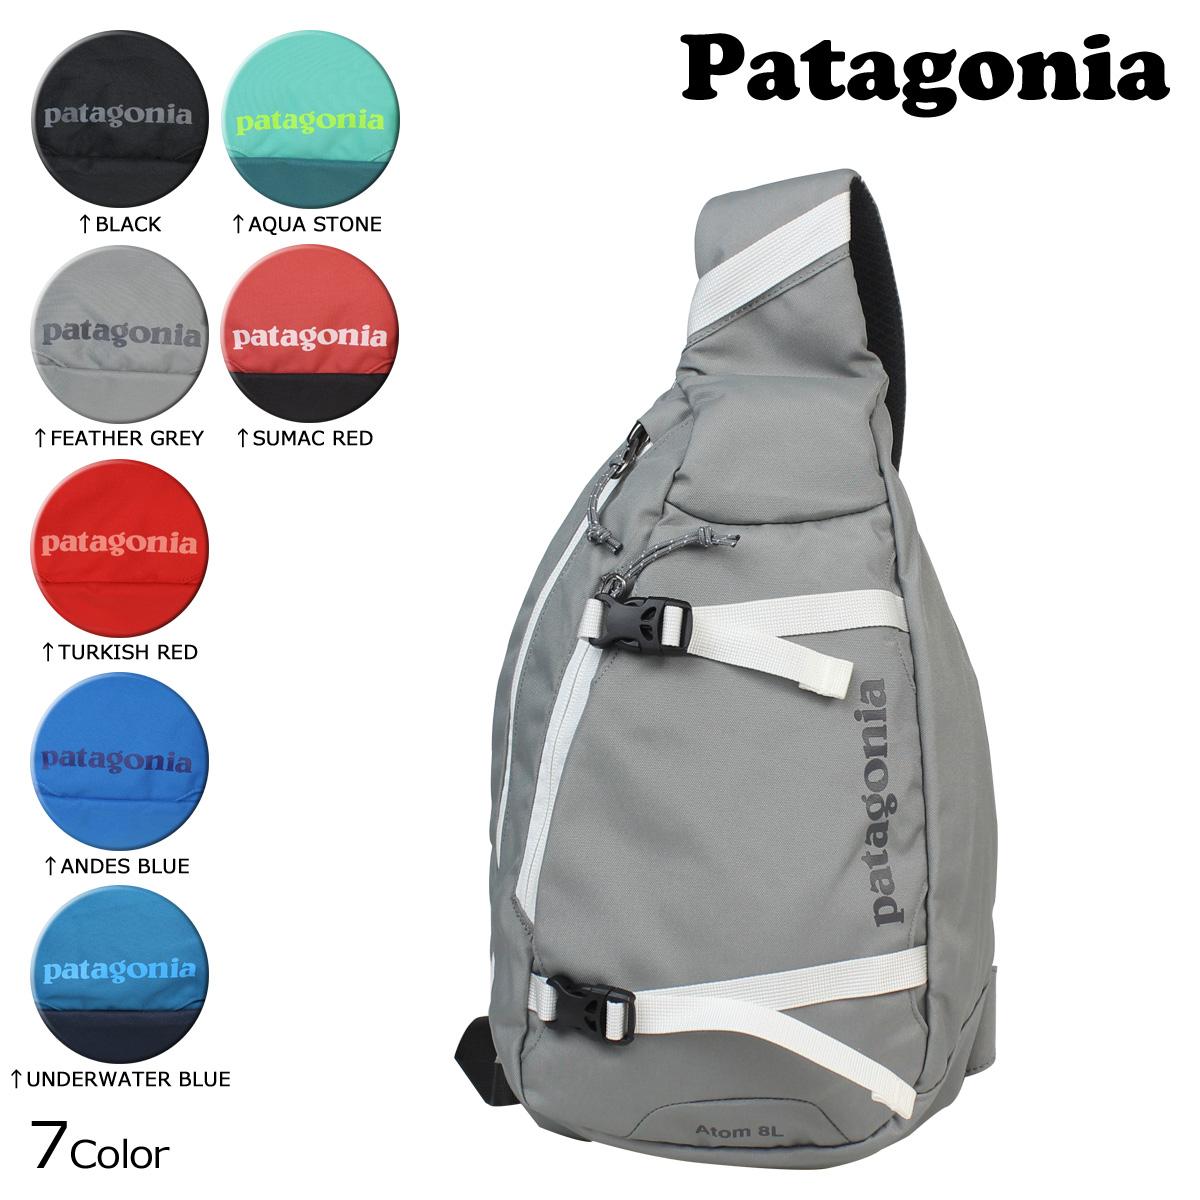 Whats up Sports | Rakuten Global Market: Patagonia Patagonia Atom ...